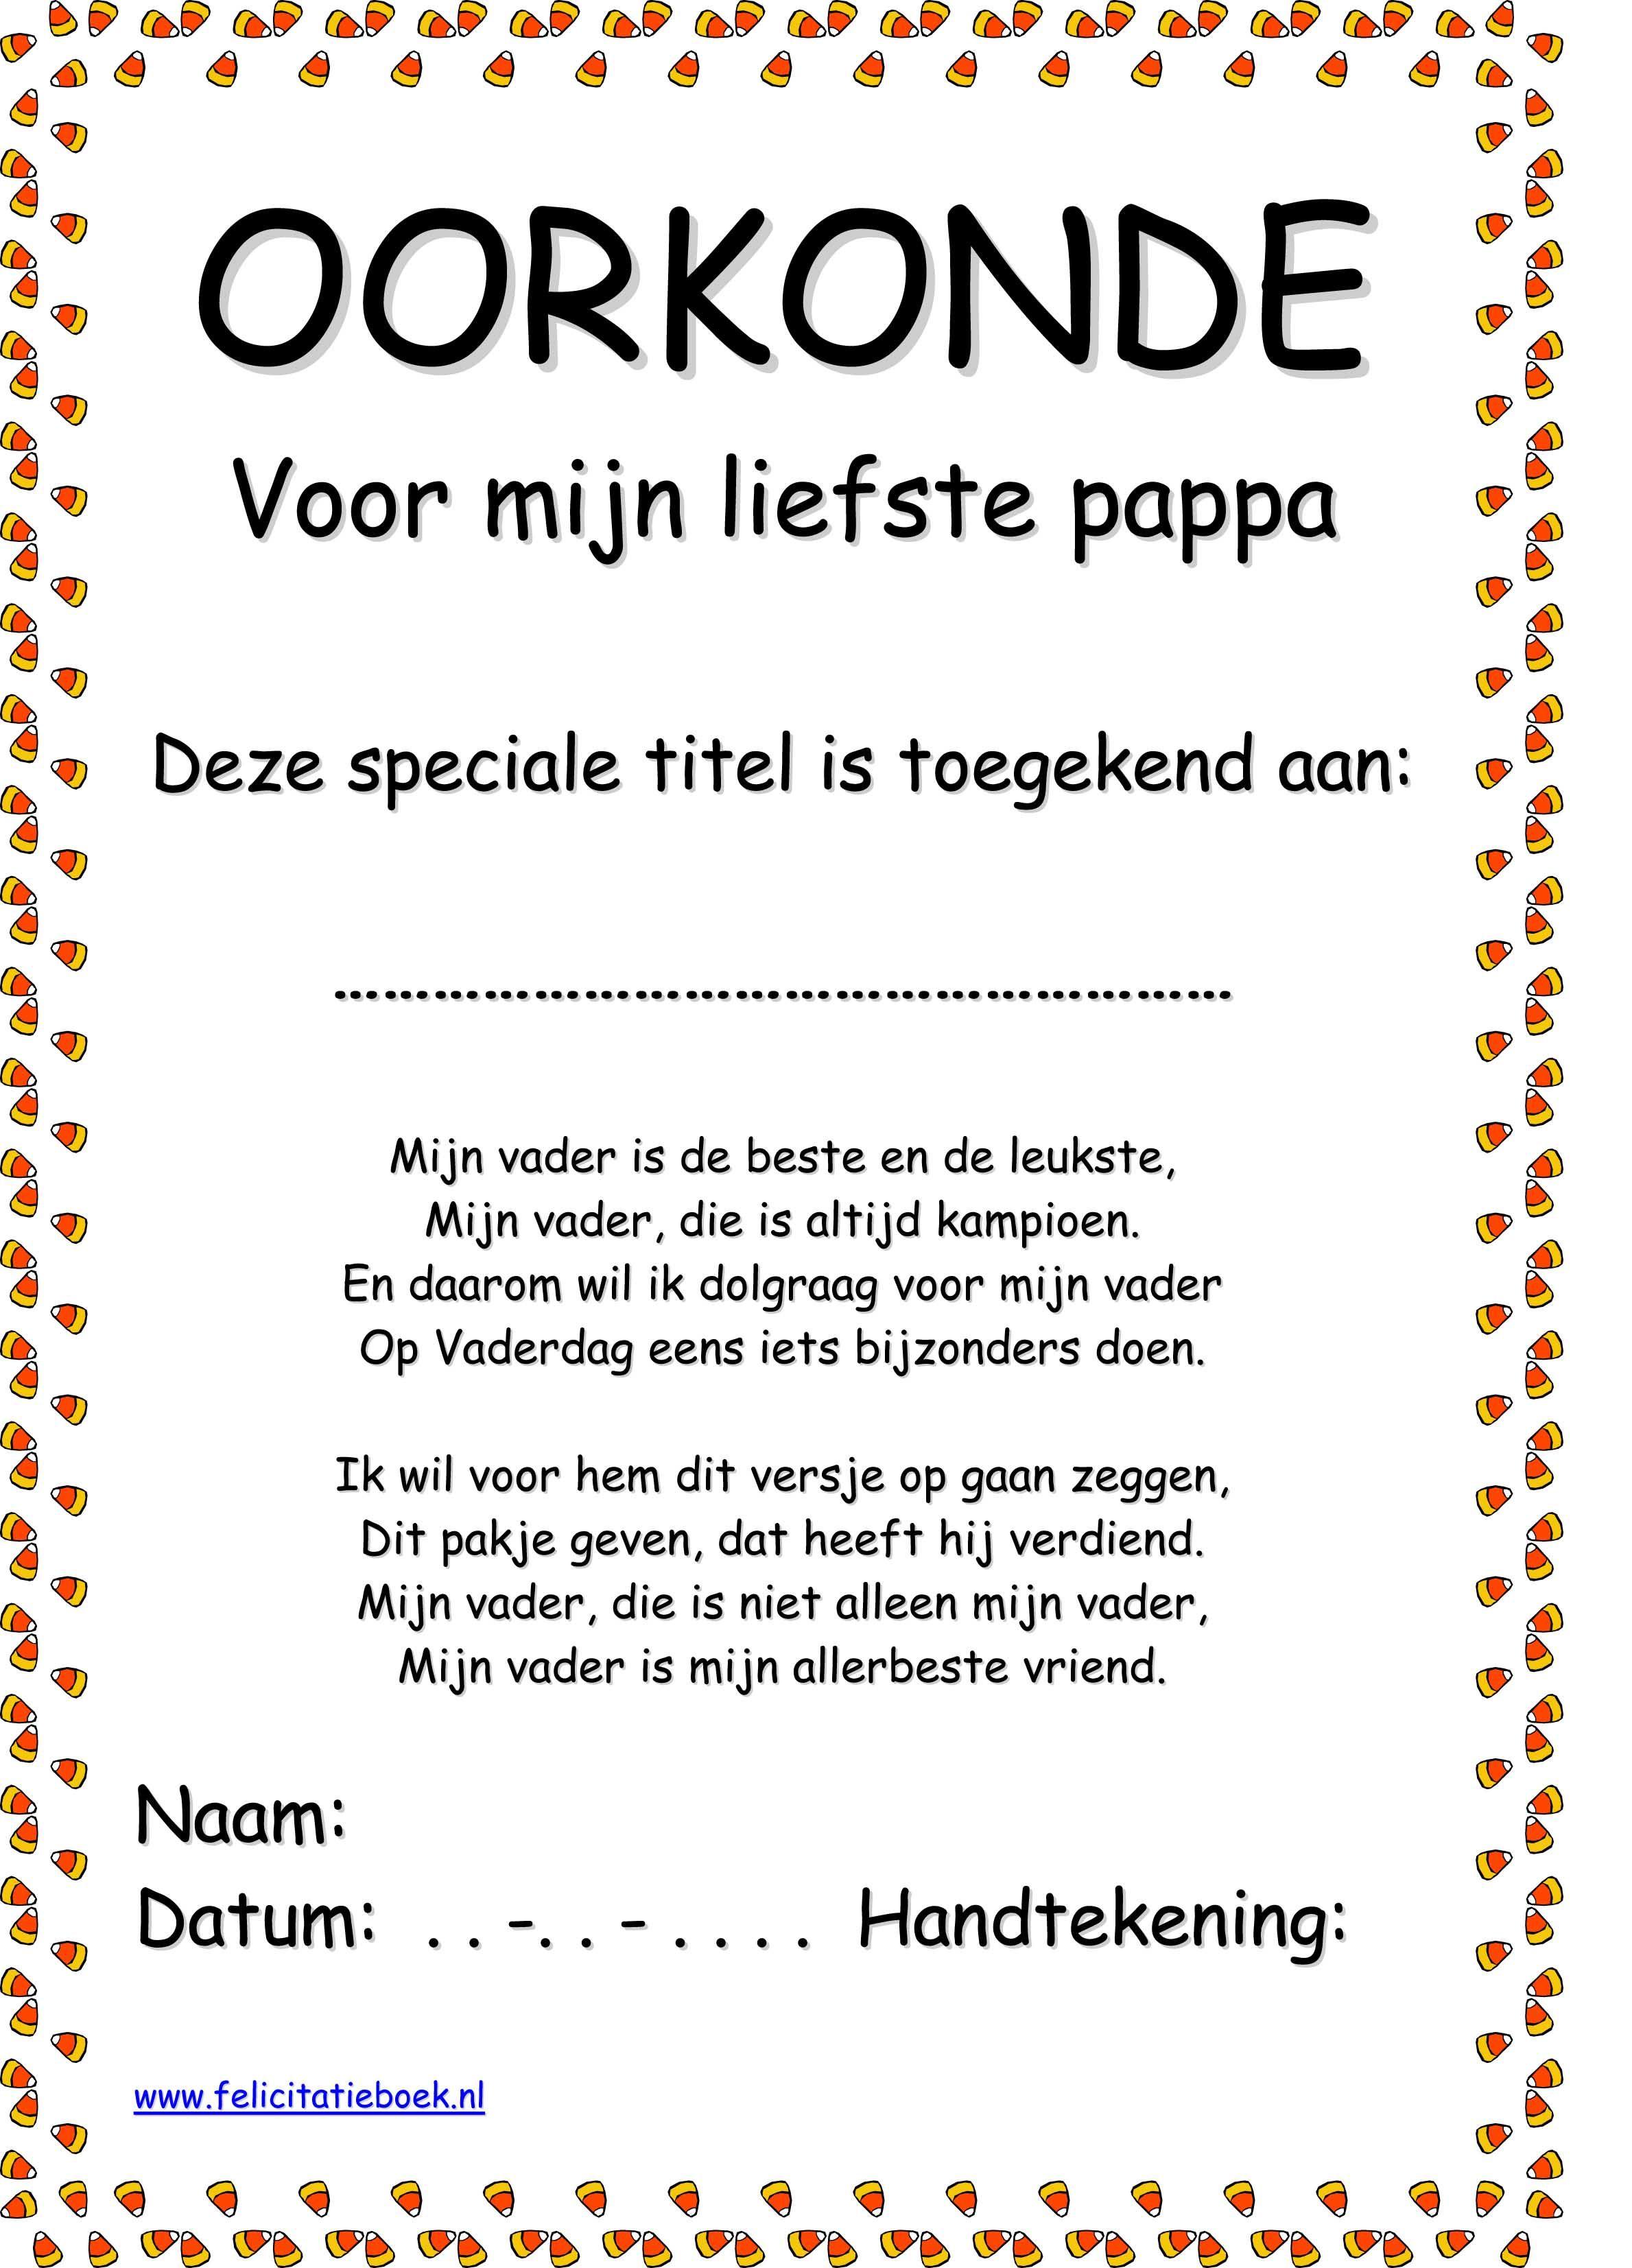 Pin Van Kelseyy Op School Thema Vaderdag Moederdag Vaderdag Moederdag Vaderdag Knutselen Baby